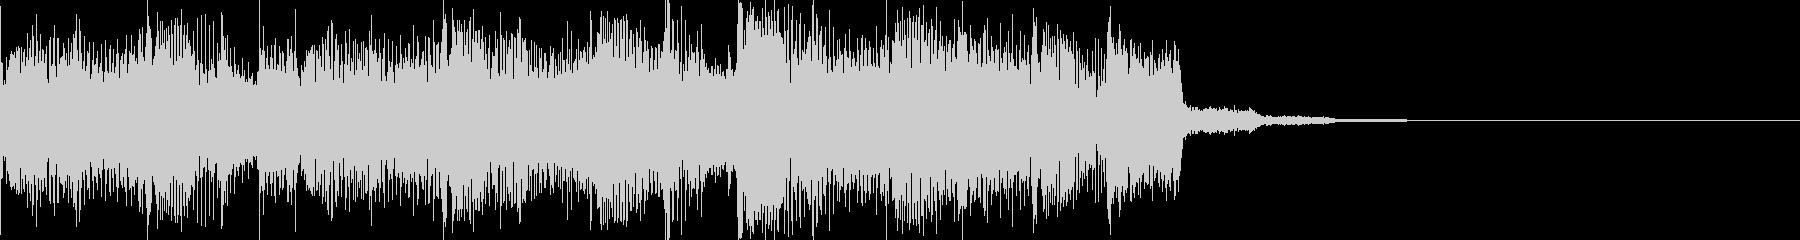 エレクトロハウスなアイキャッチの未再生の波形